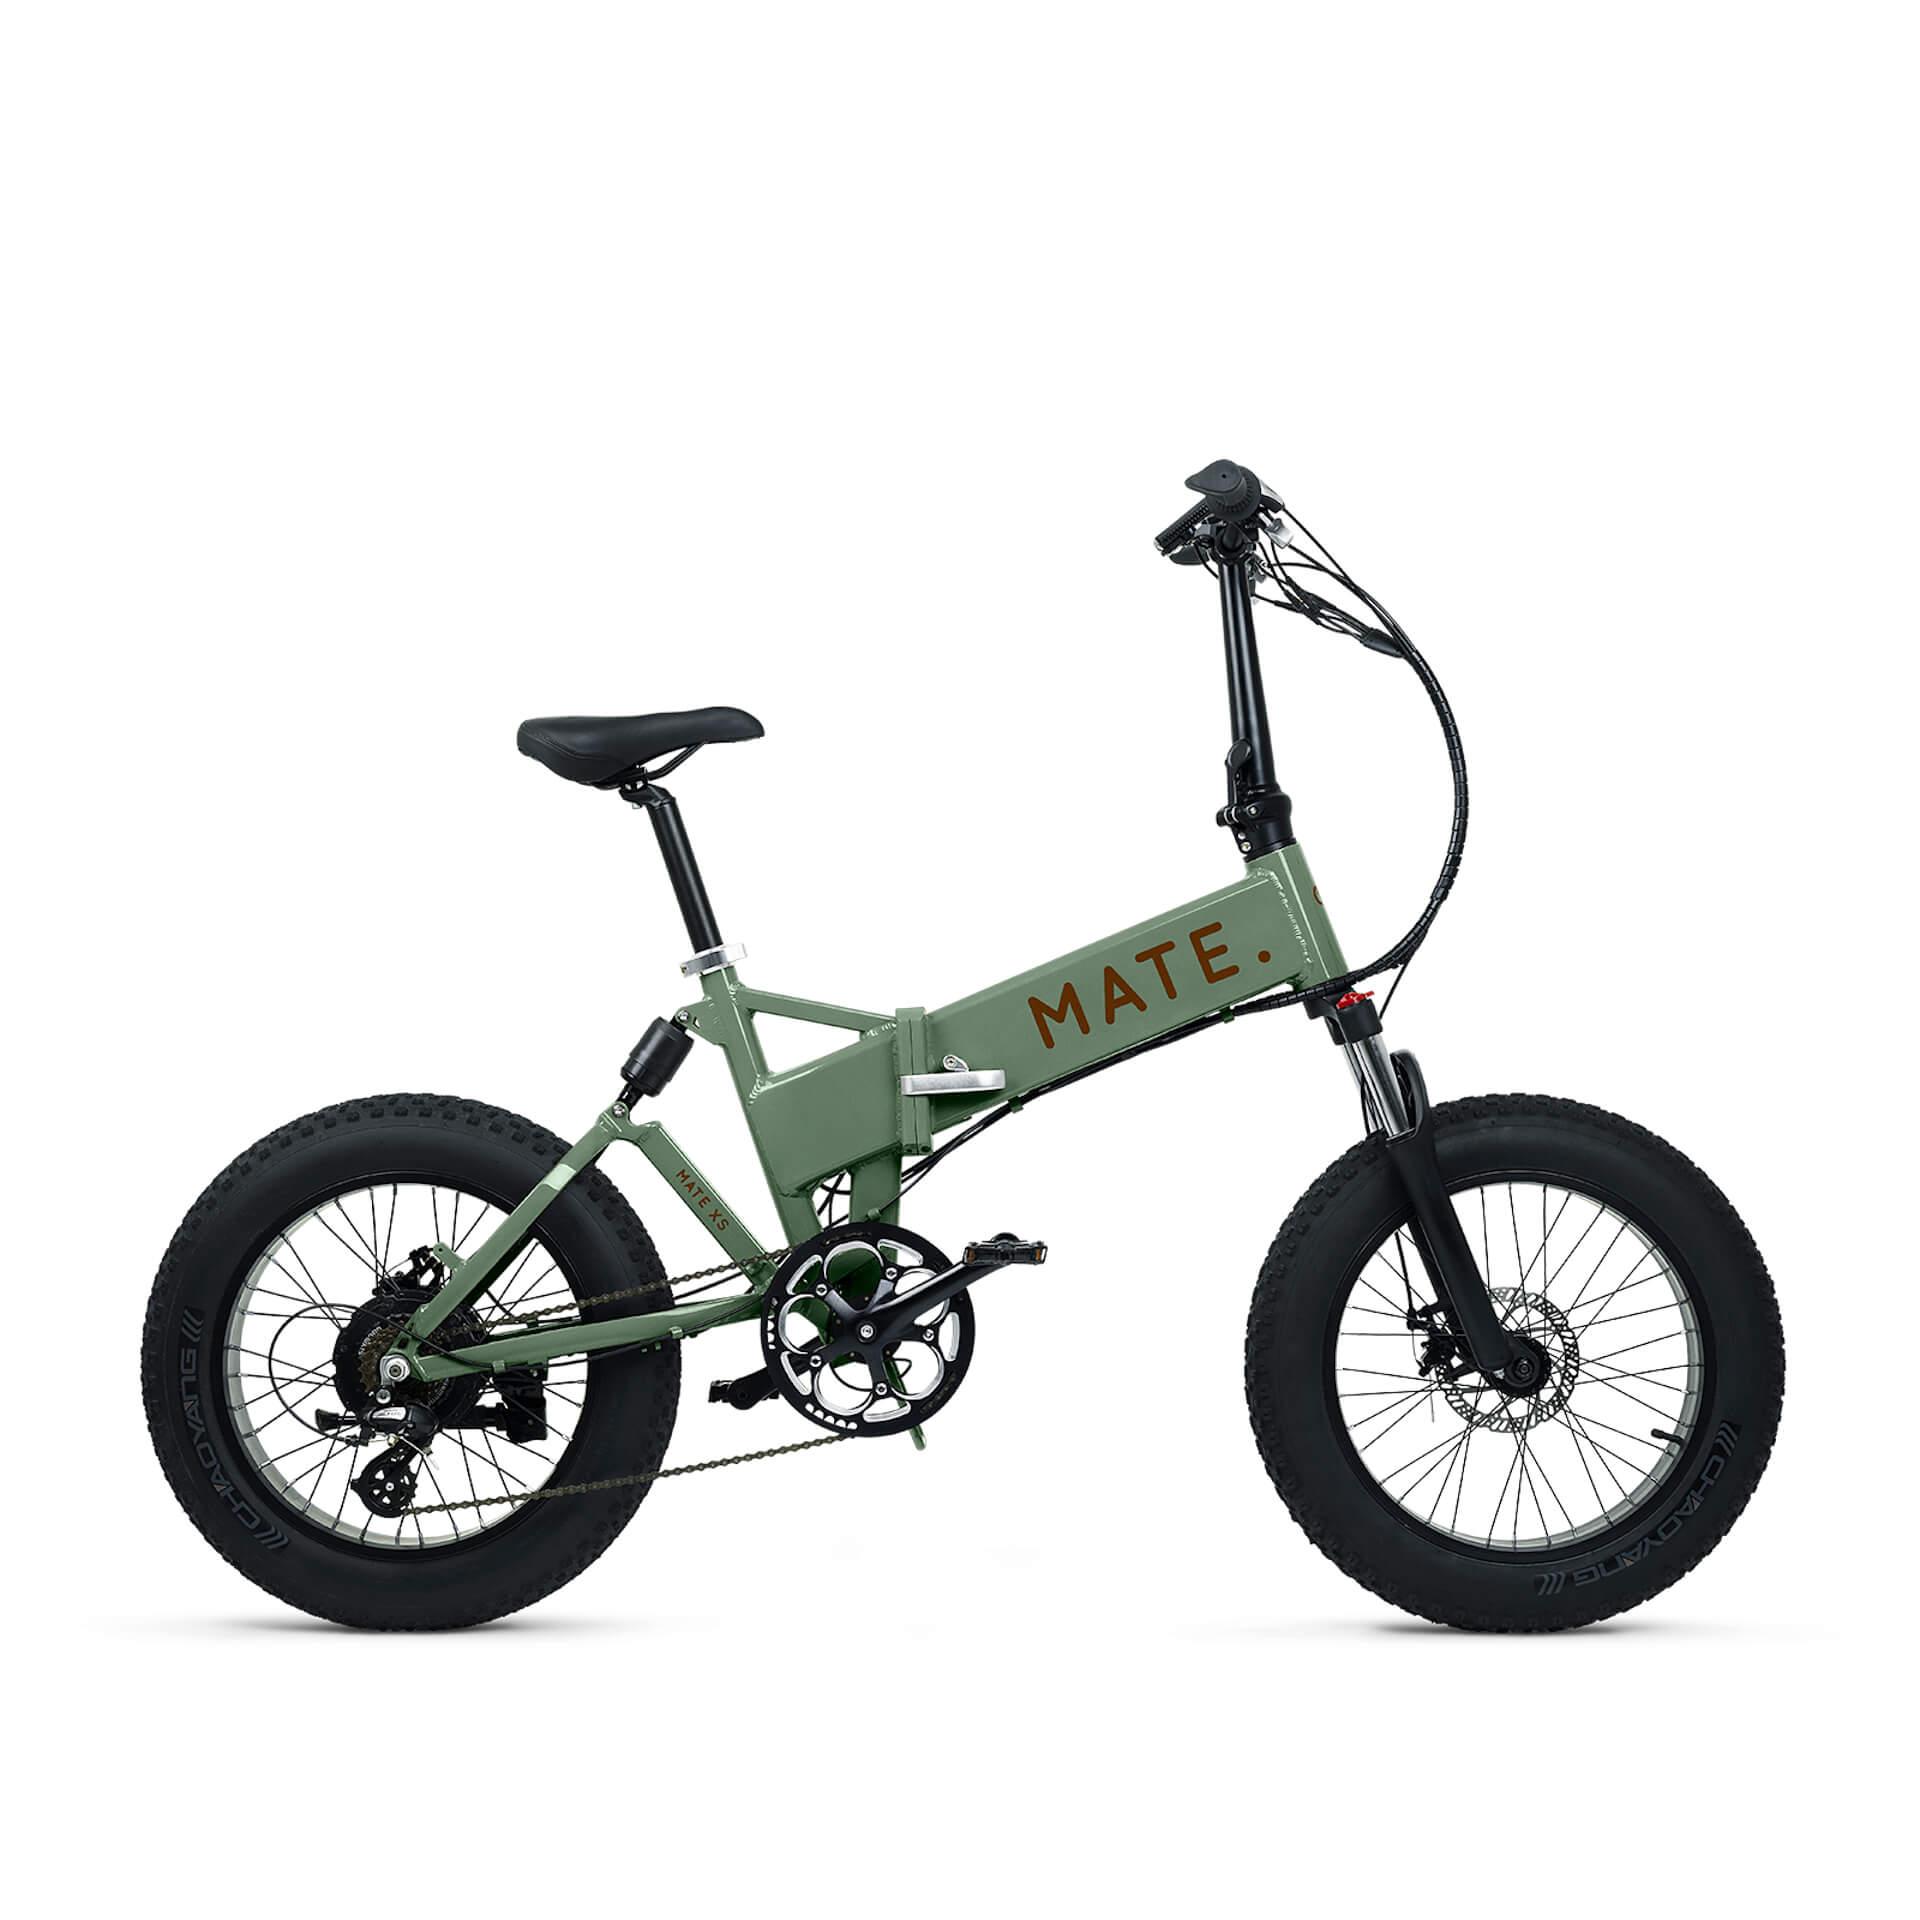 電動自転車ブランド「MATE. BIKE」世界初の旗艦店が恵比寿にオープン!窪塚洋介がジャパンアンバサダーに就任 tech210331_mate_bike_7